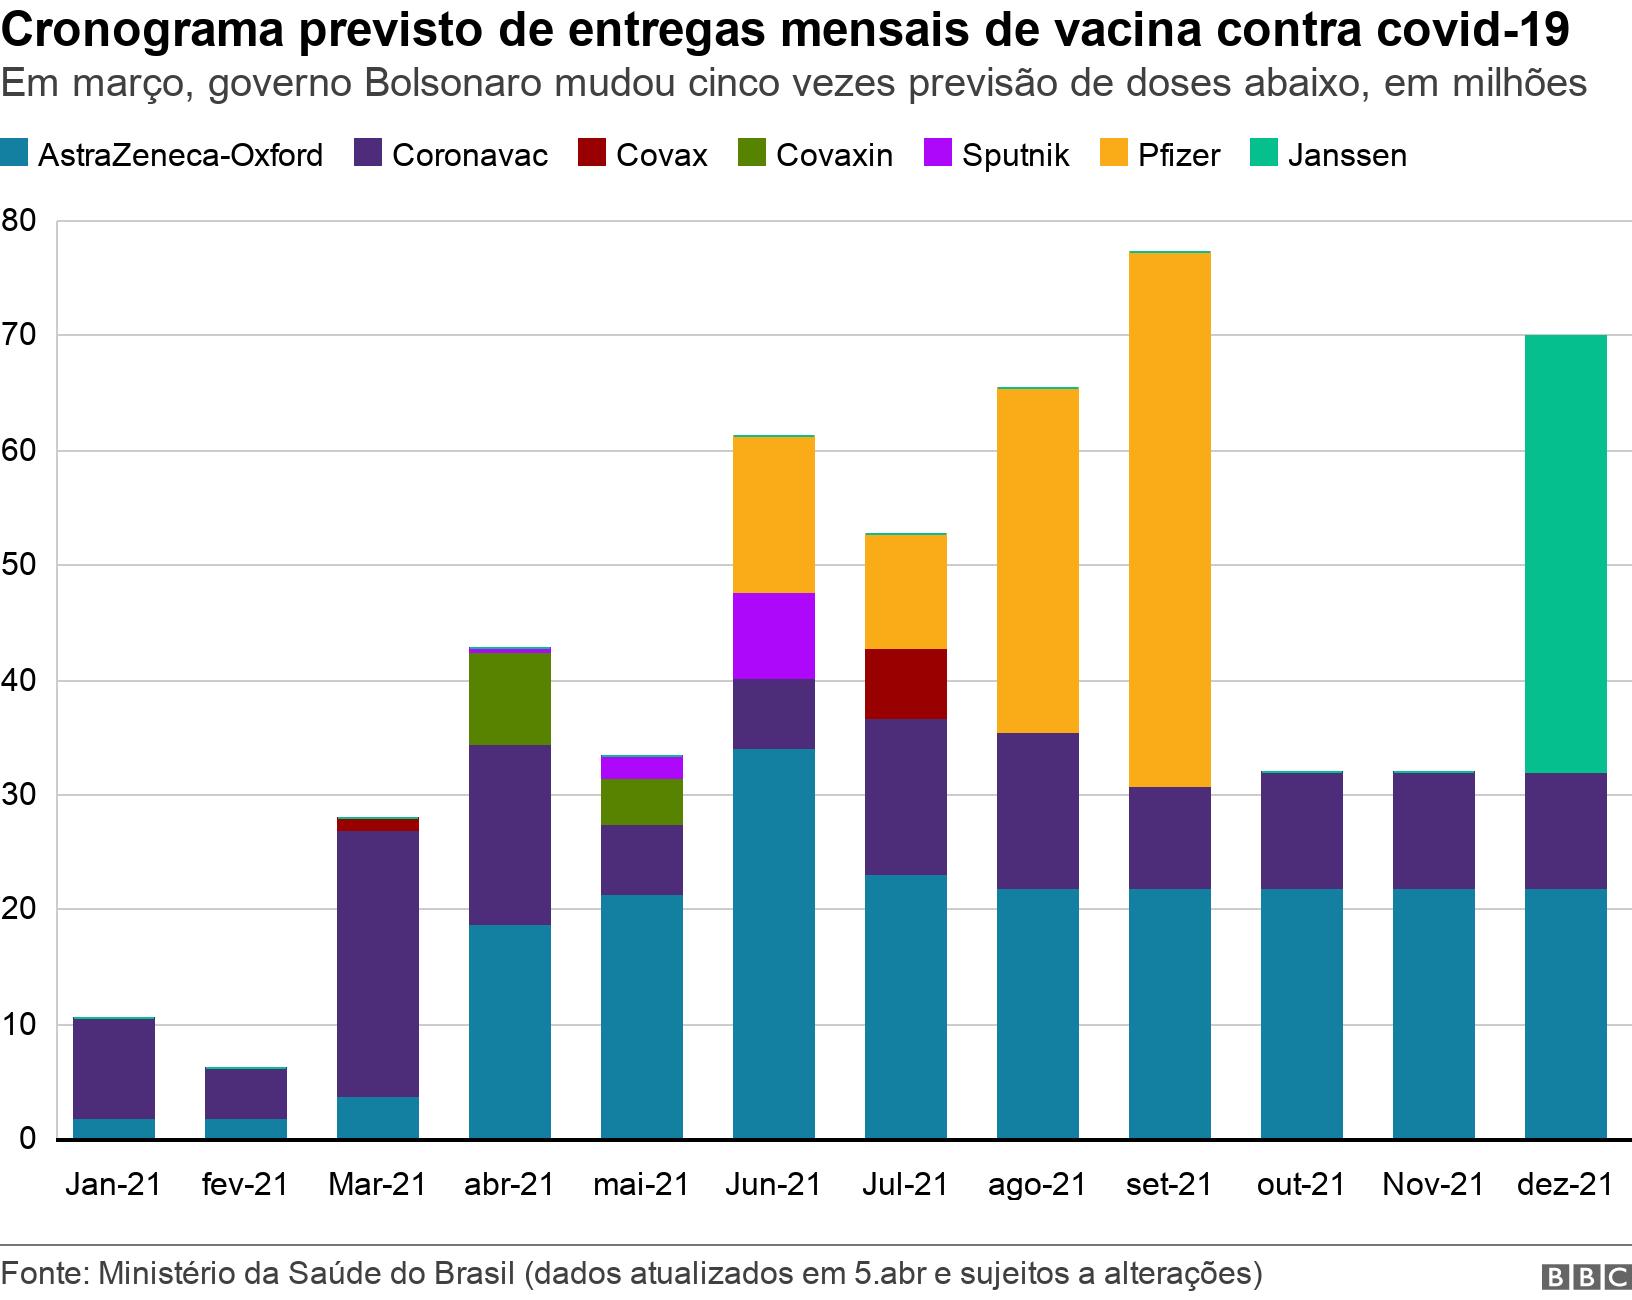 Cronograma previsto de entregas mensais de vacina contra covid-19. Em março, governo Bolsonaro mudou cinco vezes previsão de doses abaixo, em milhões.  .